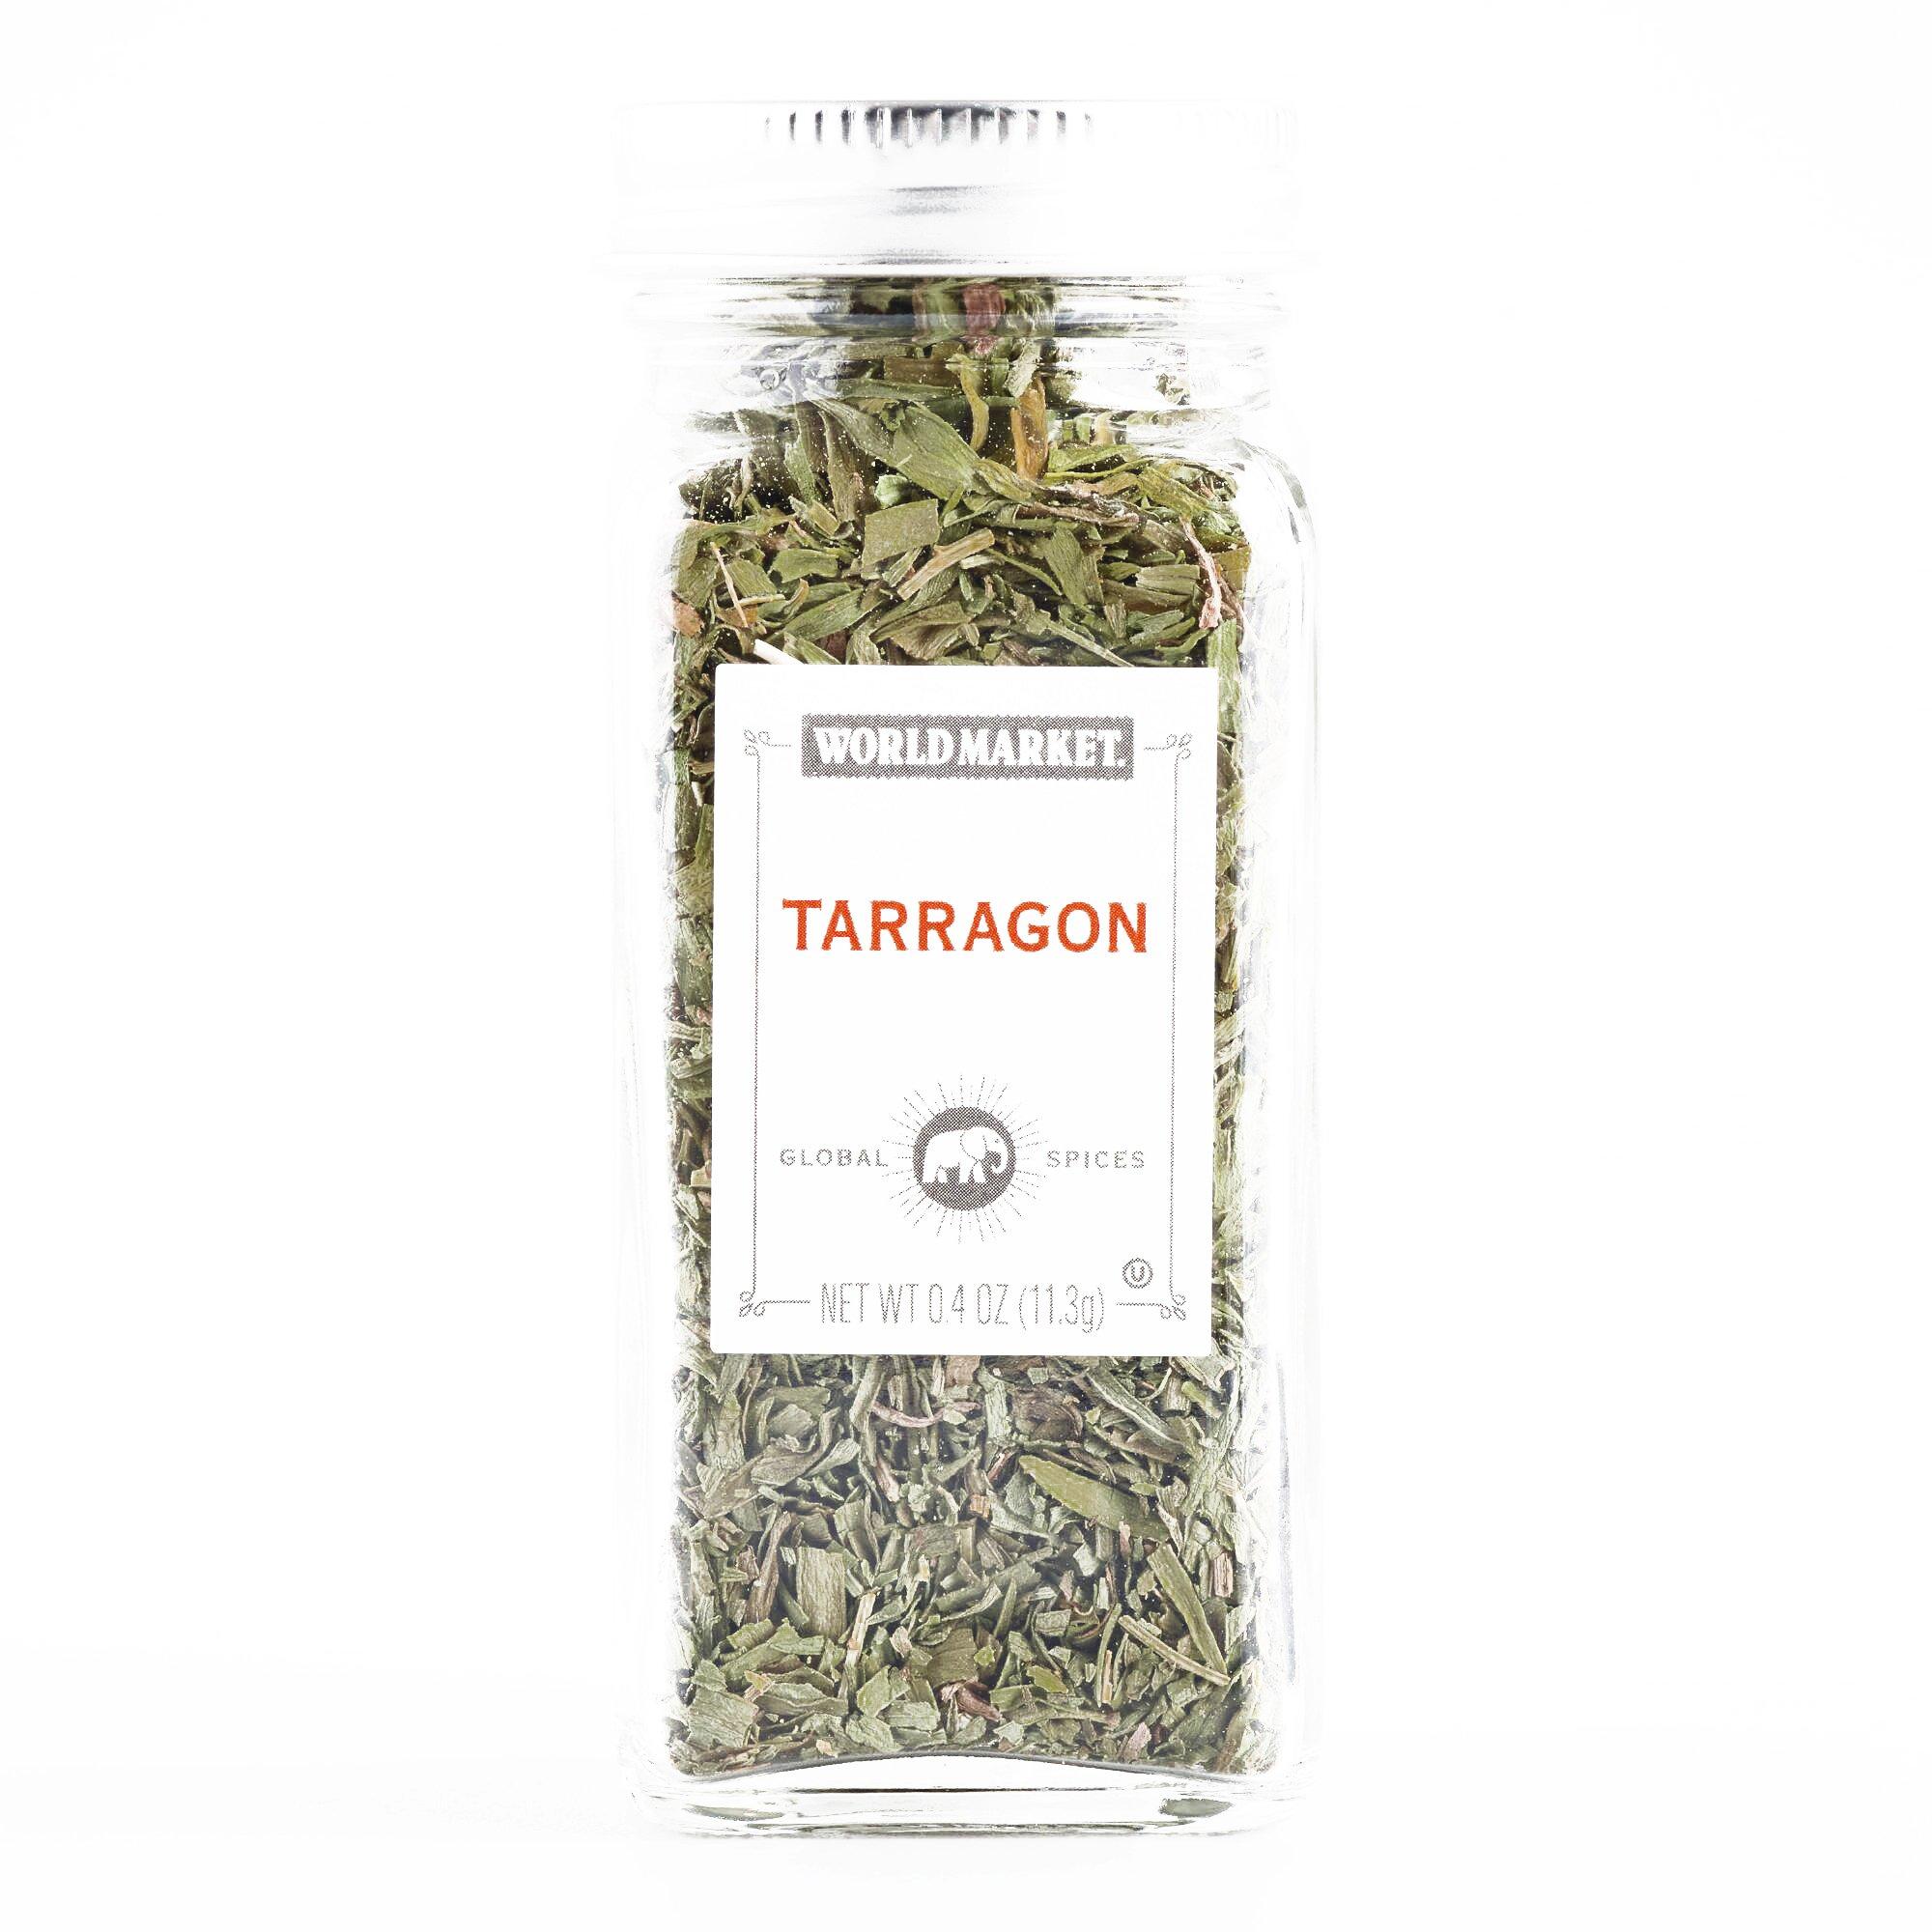 Tarragon .4 oz each (2 Items Per Order, not per case)